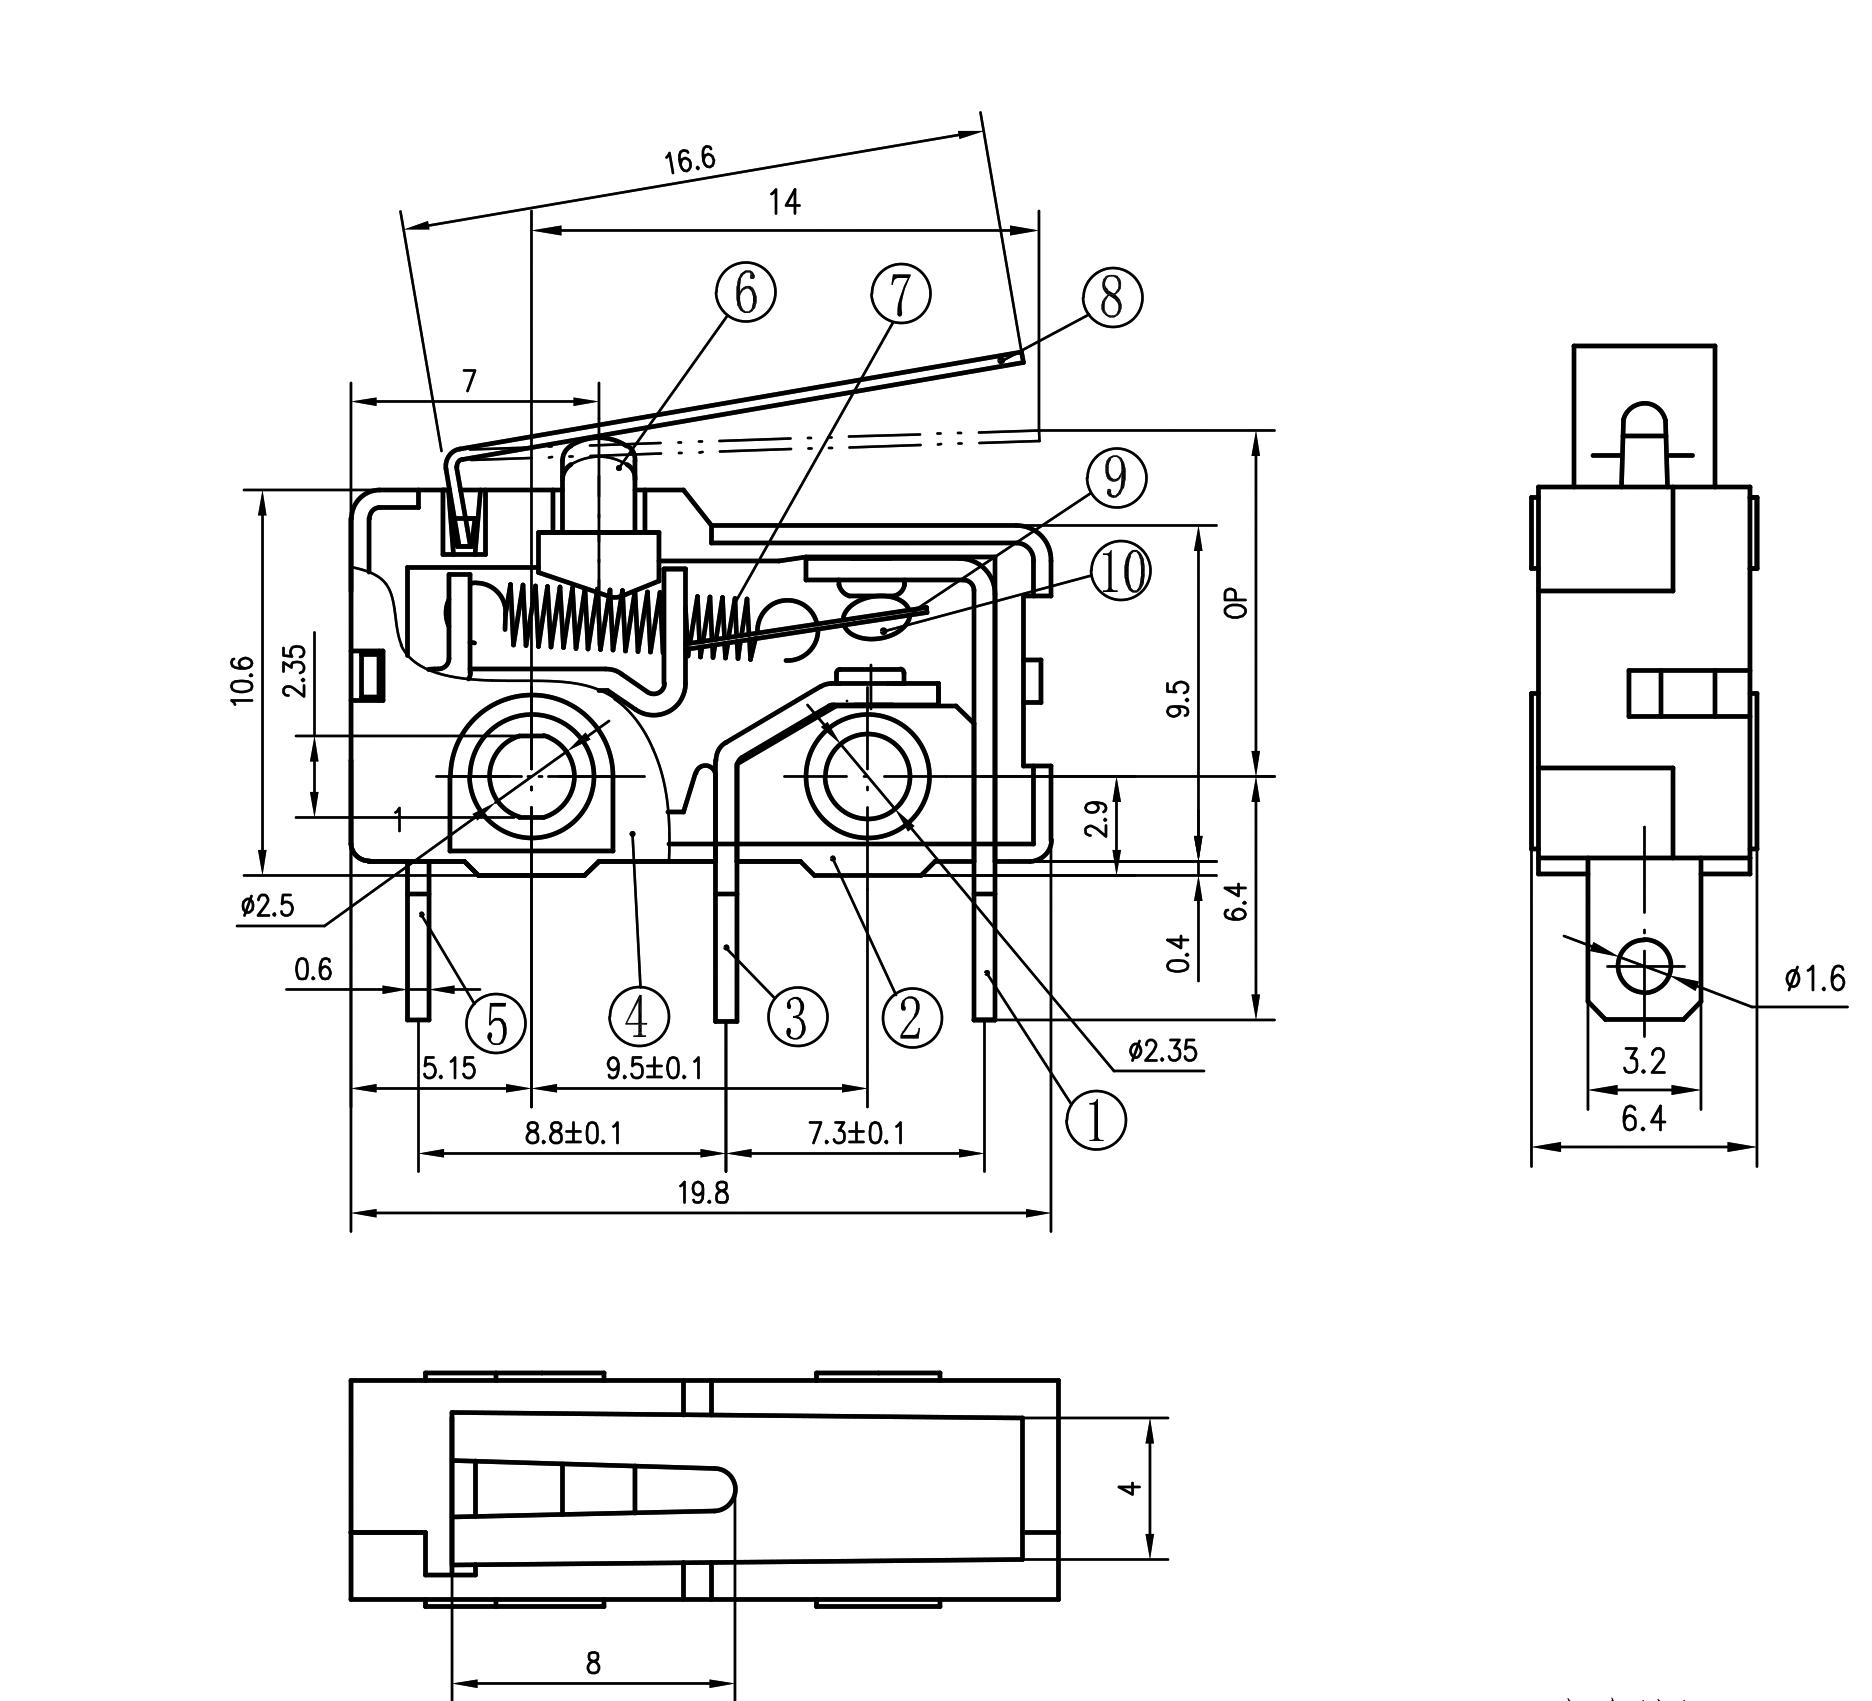 kw4a s -fzsw3f150-08 glod plated mini switch